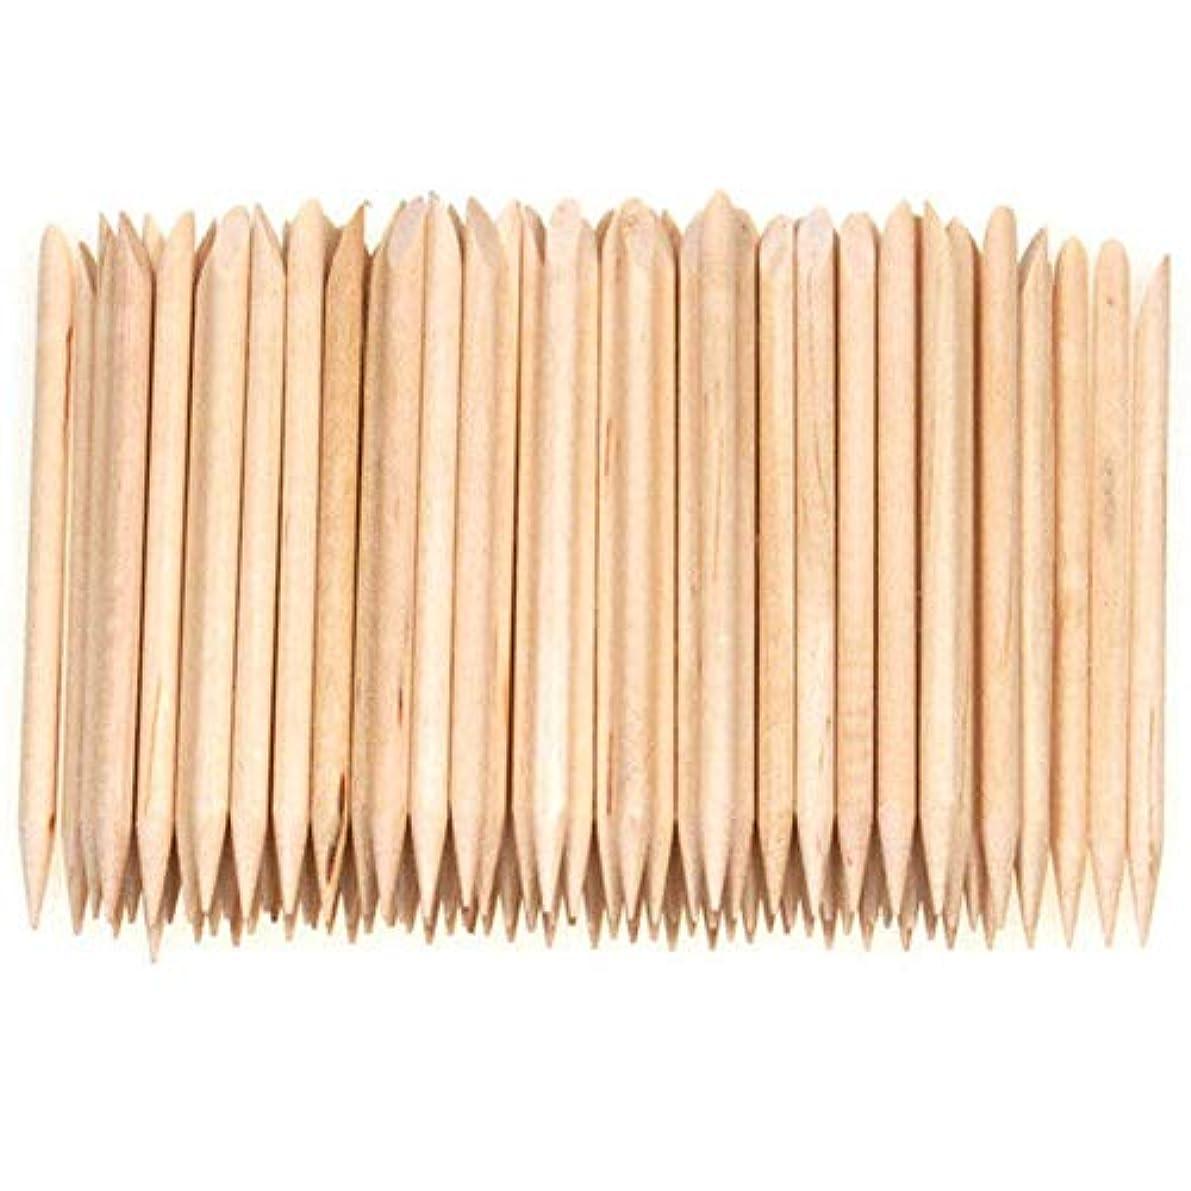 モンスター白雪姫慣習Semoic 100個ネイルアートデザイン木製の棒キューティクルプッシャーリムーバーマニキュアケア